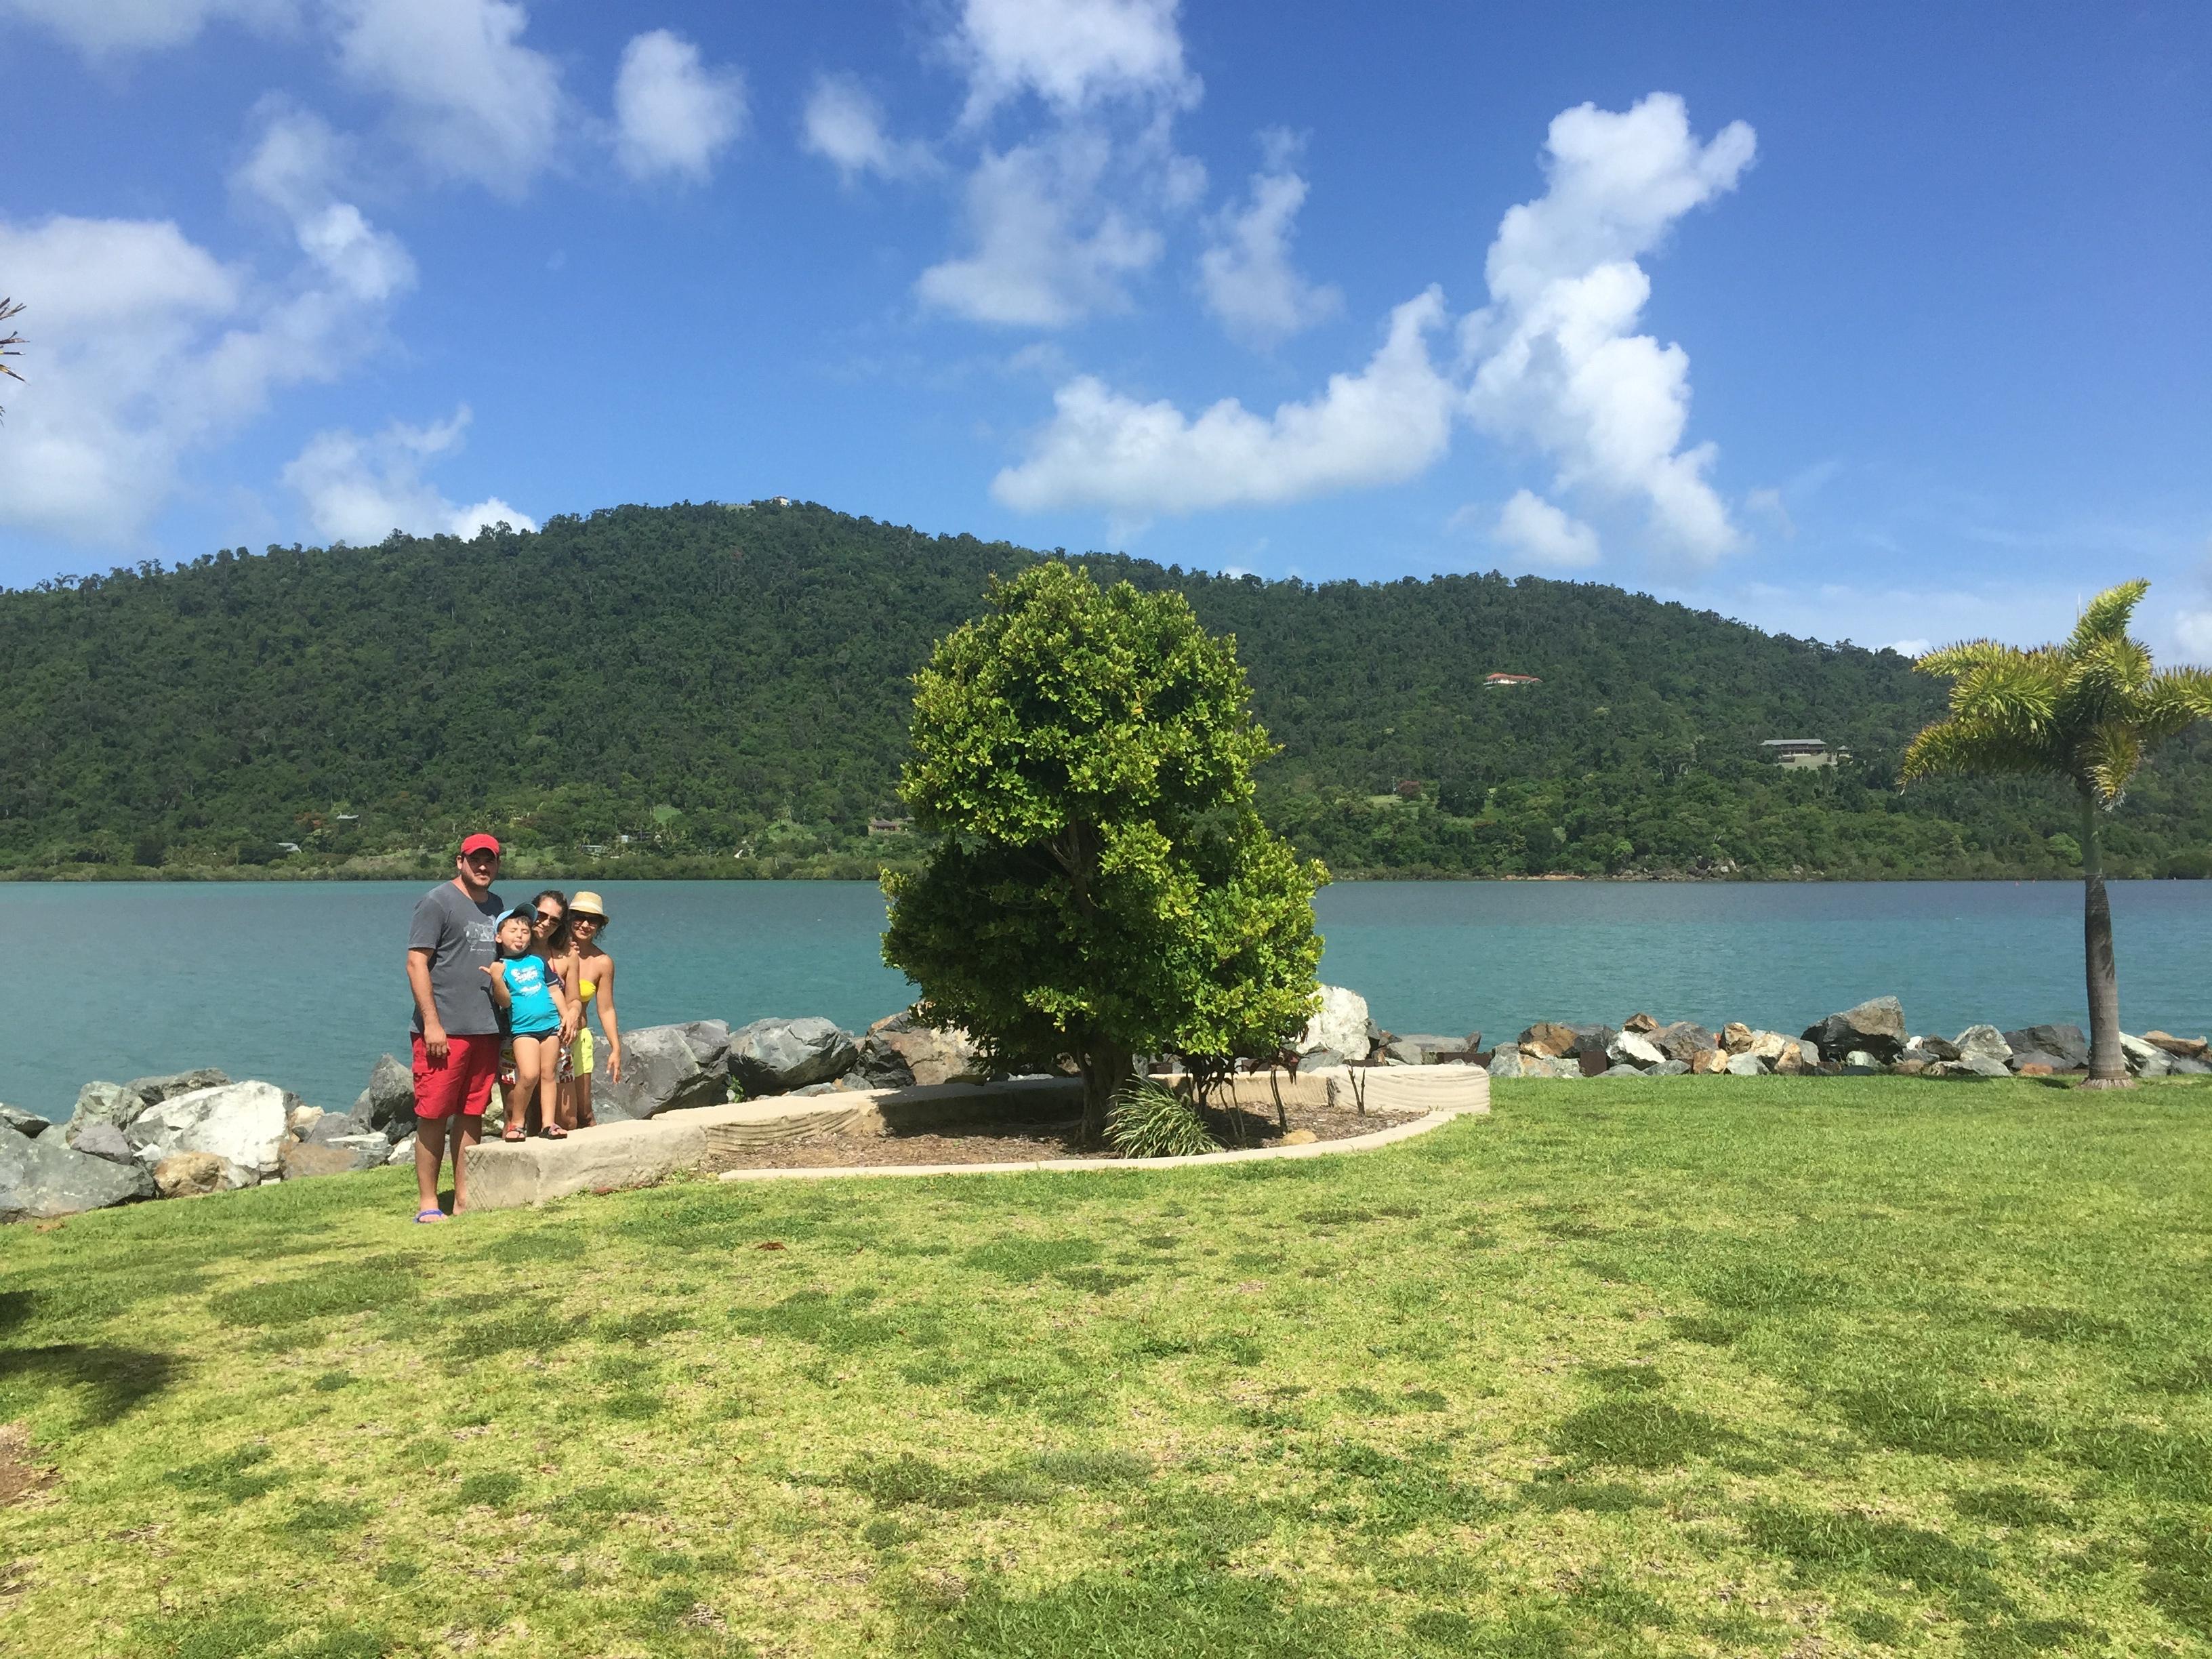 Viajando com família Australia